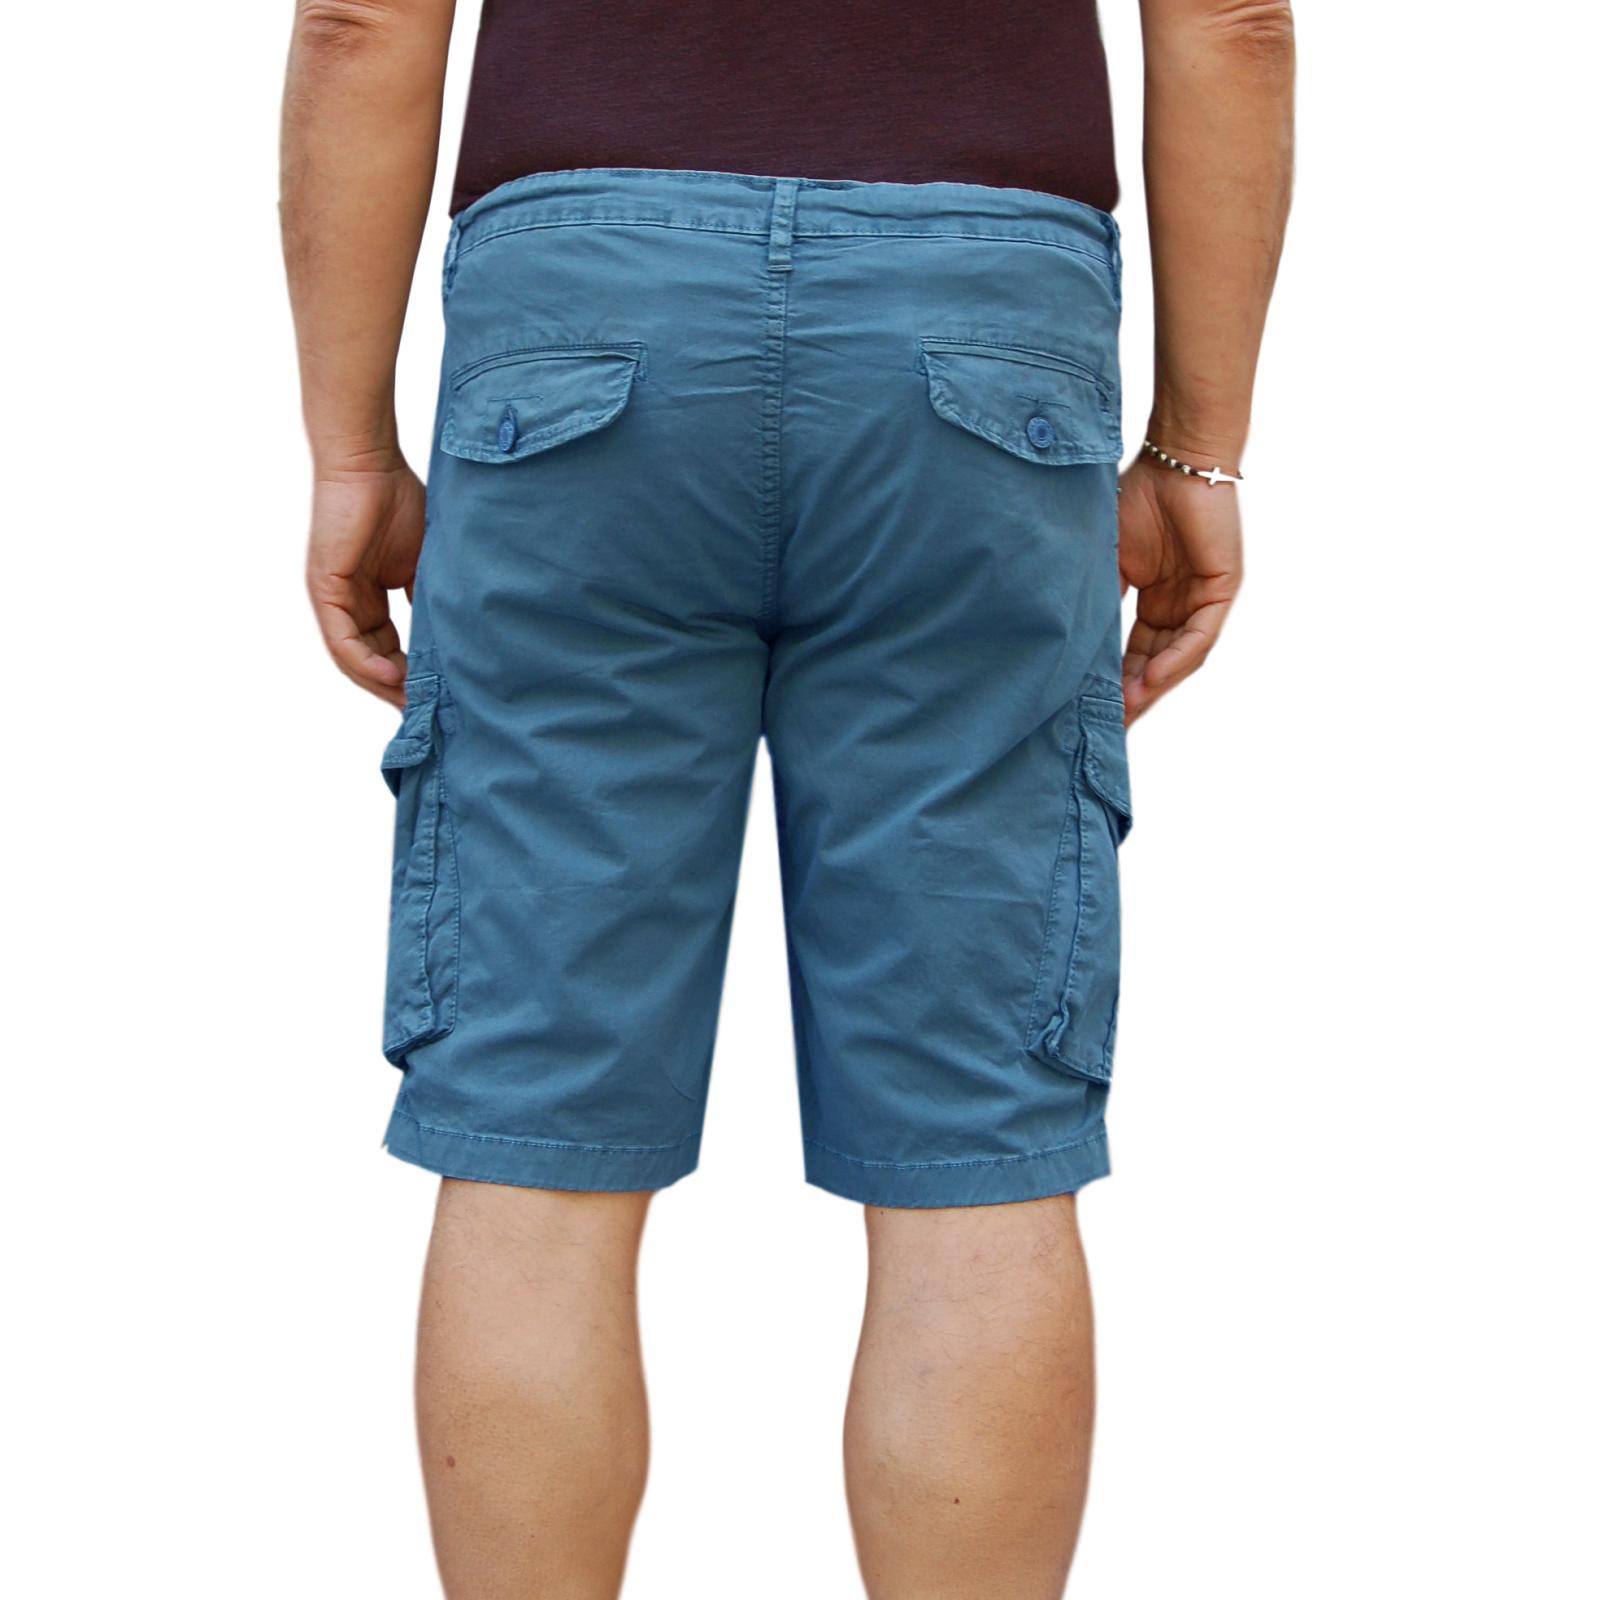 Bermuda-Uomo-Cargo-Pantalone-corto-Cotone-Tasconi-Laterali-Shorts-Casual-Nero miniatura 14